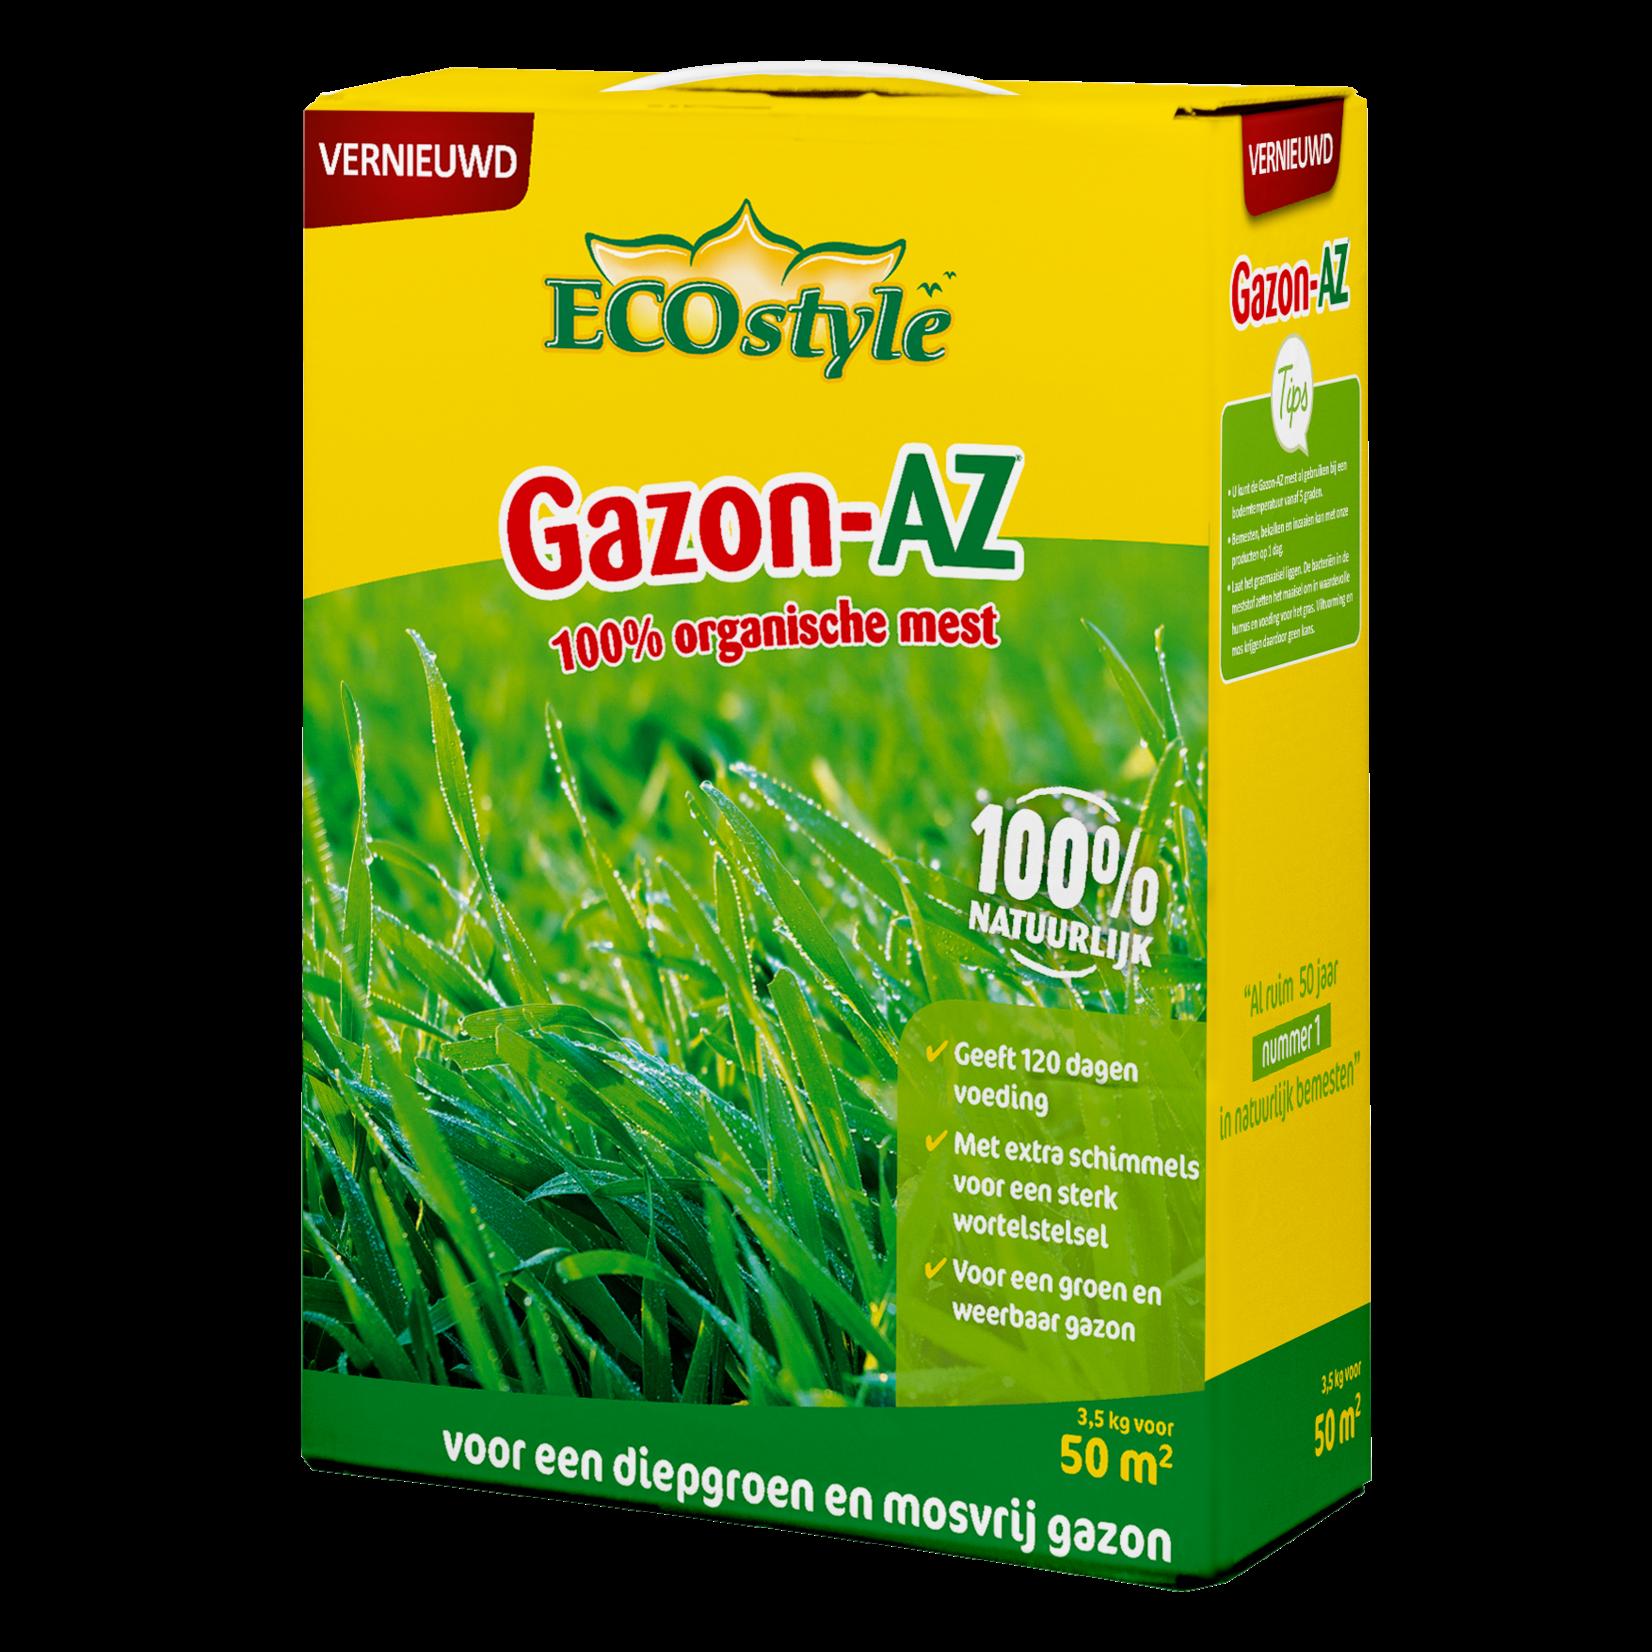 Ecostyle Gazon-az 3,5 kg